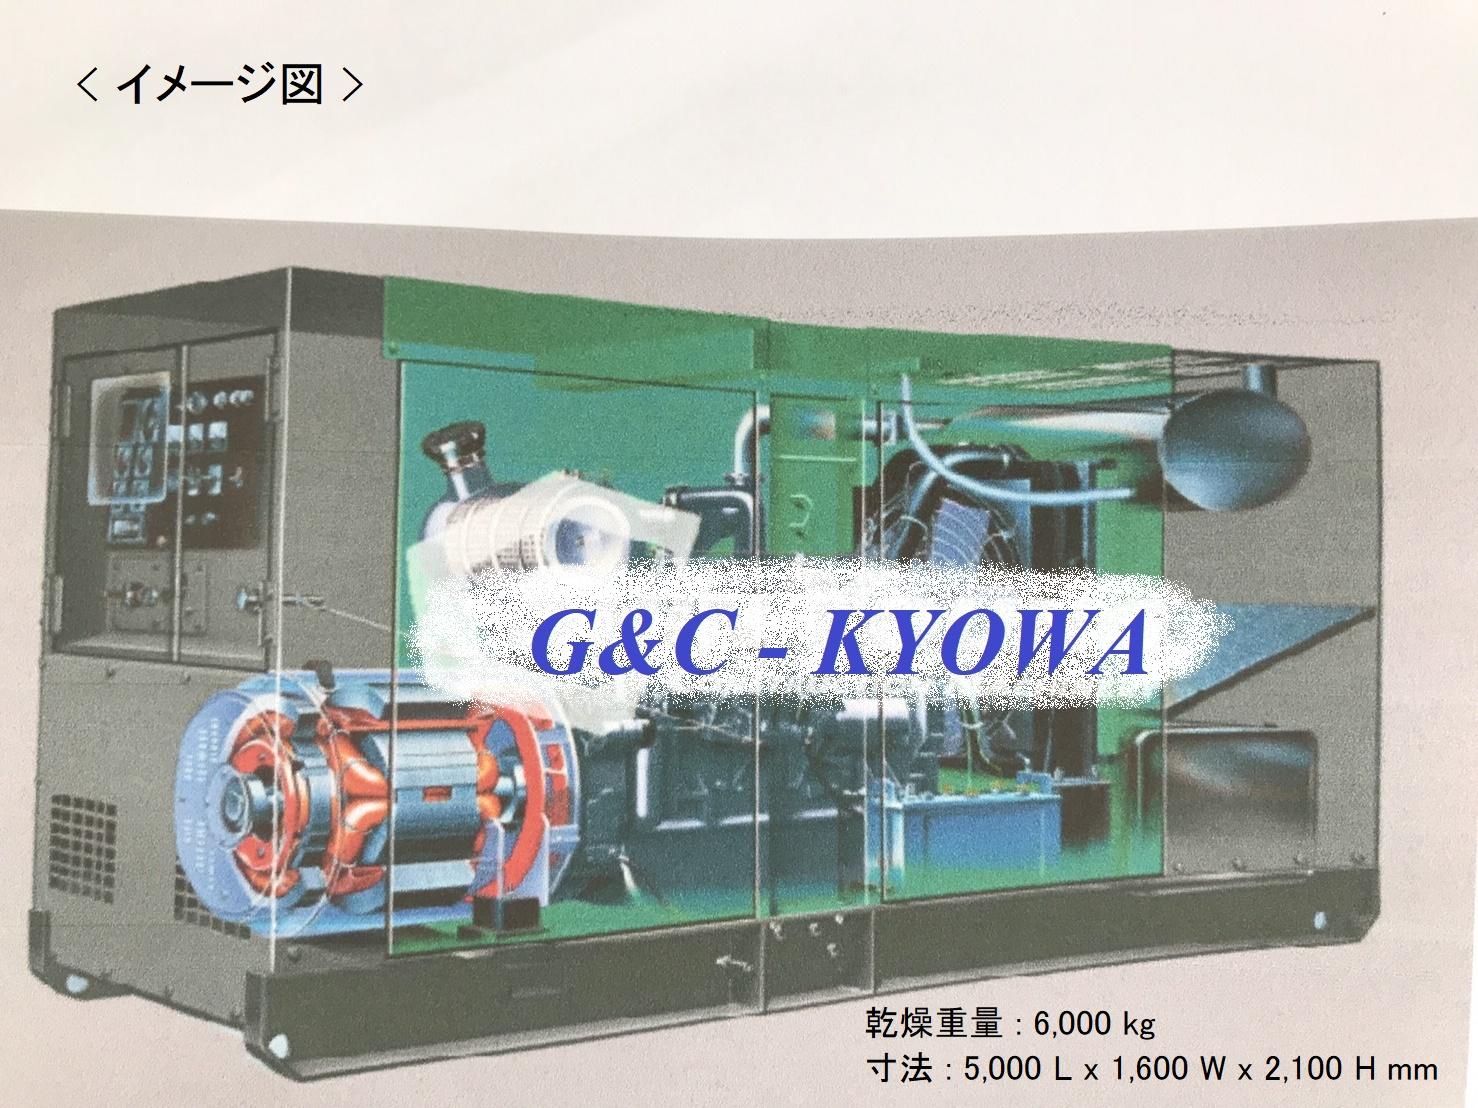 エンジン発電機 - ディーゼル・ハイブリッド (販売・保守・点検)